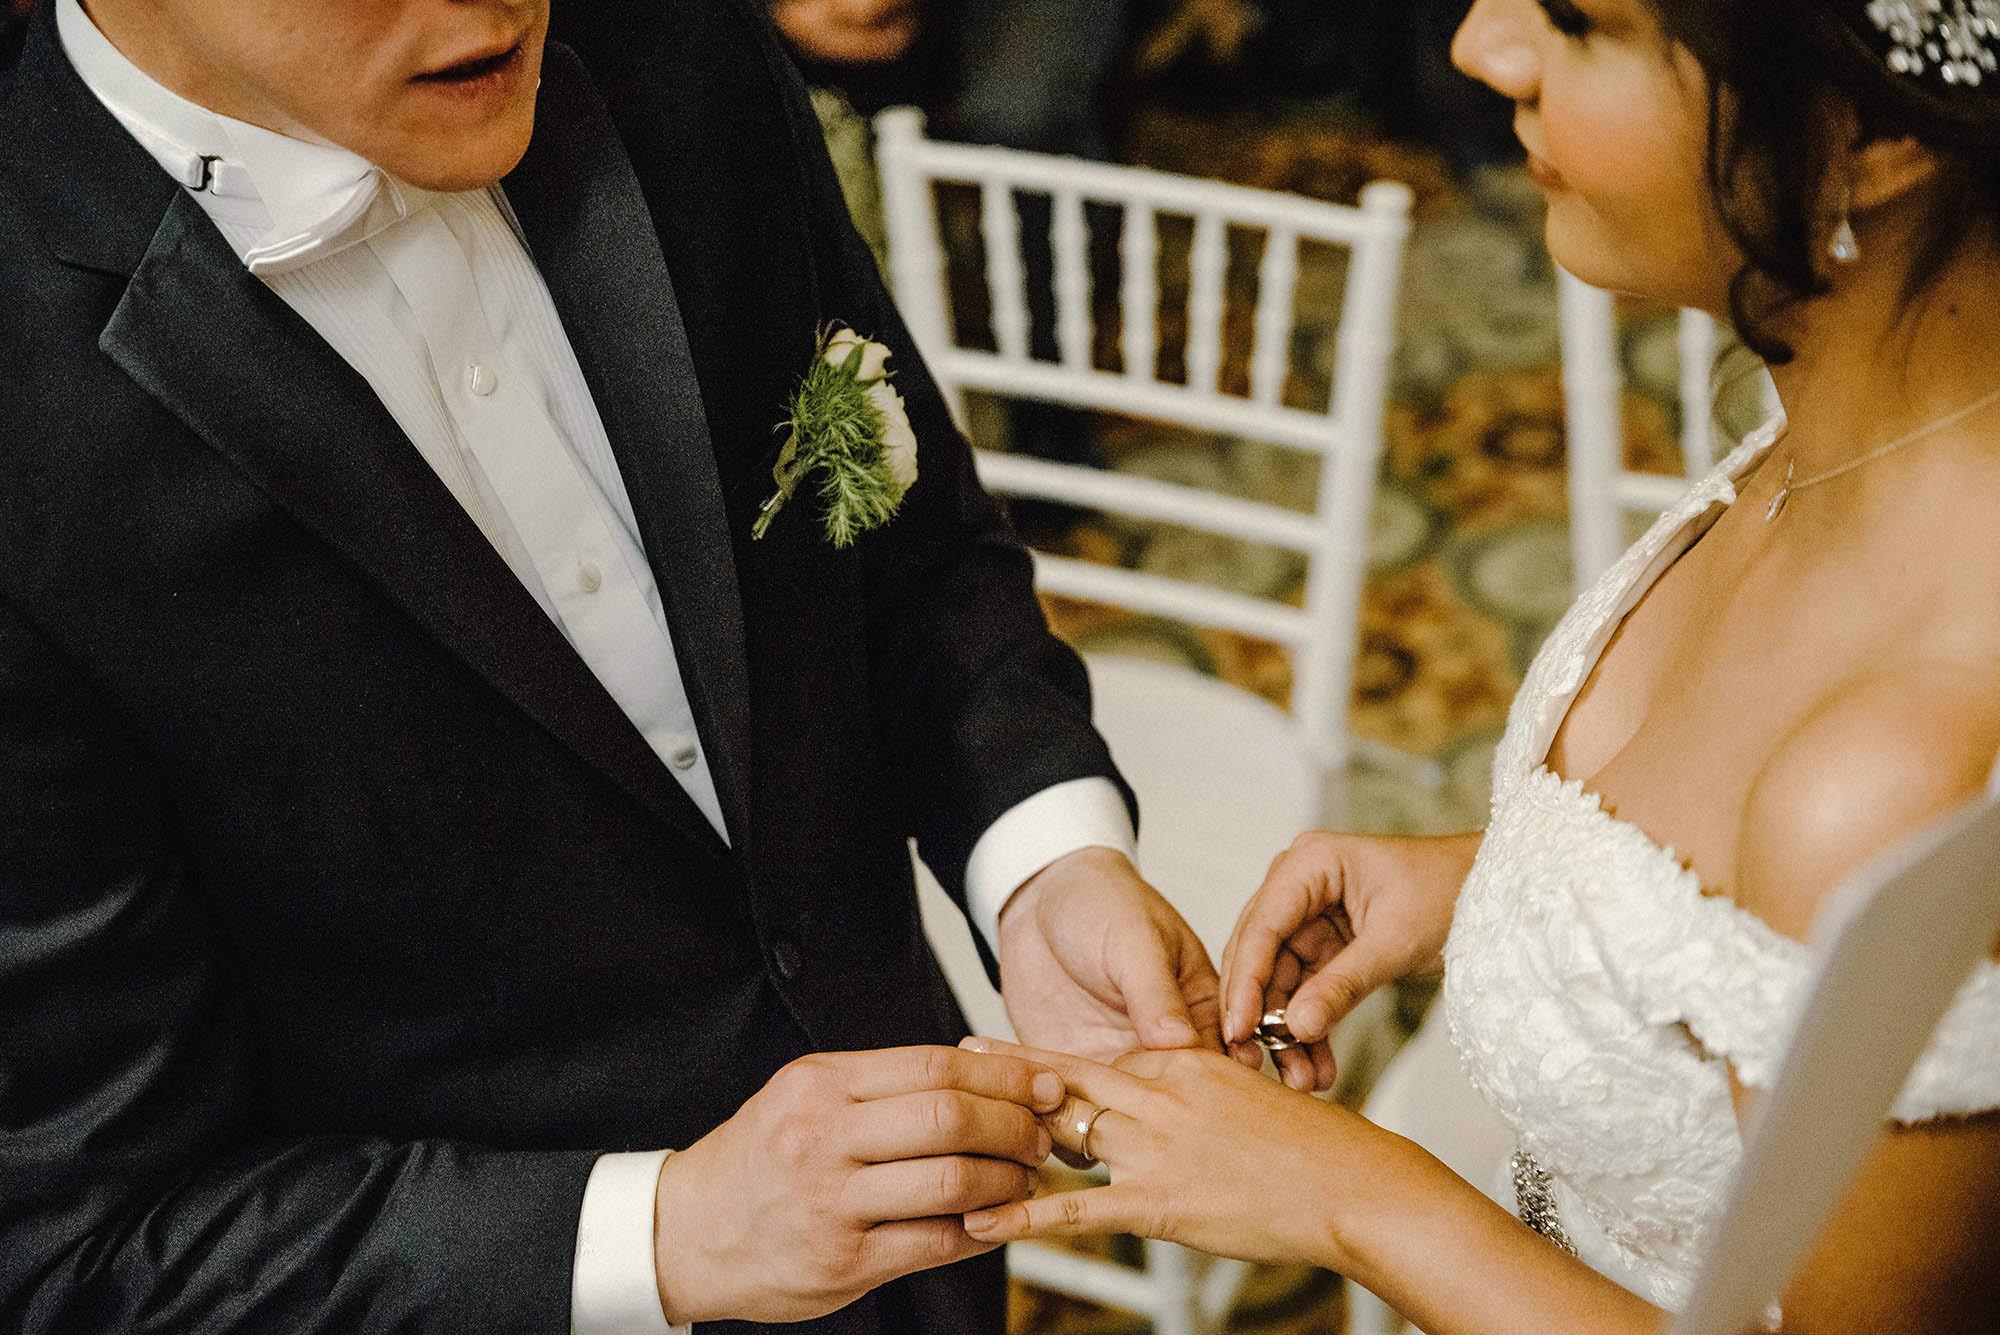 Boda Queretaro hacienda wedding planner magali espinosa fotografo 25-WEB.jpg